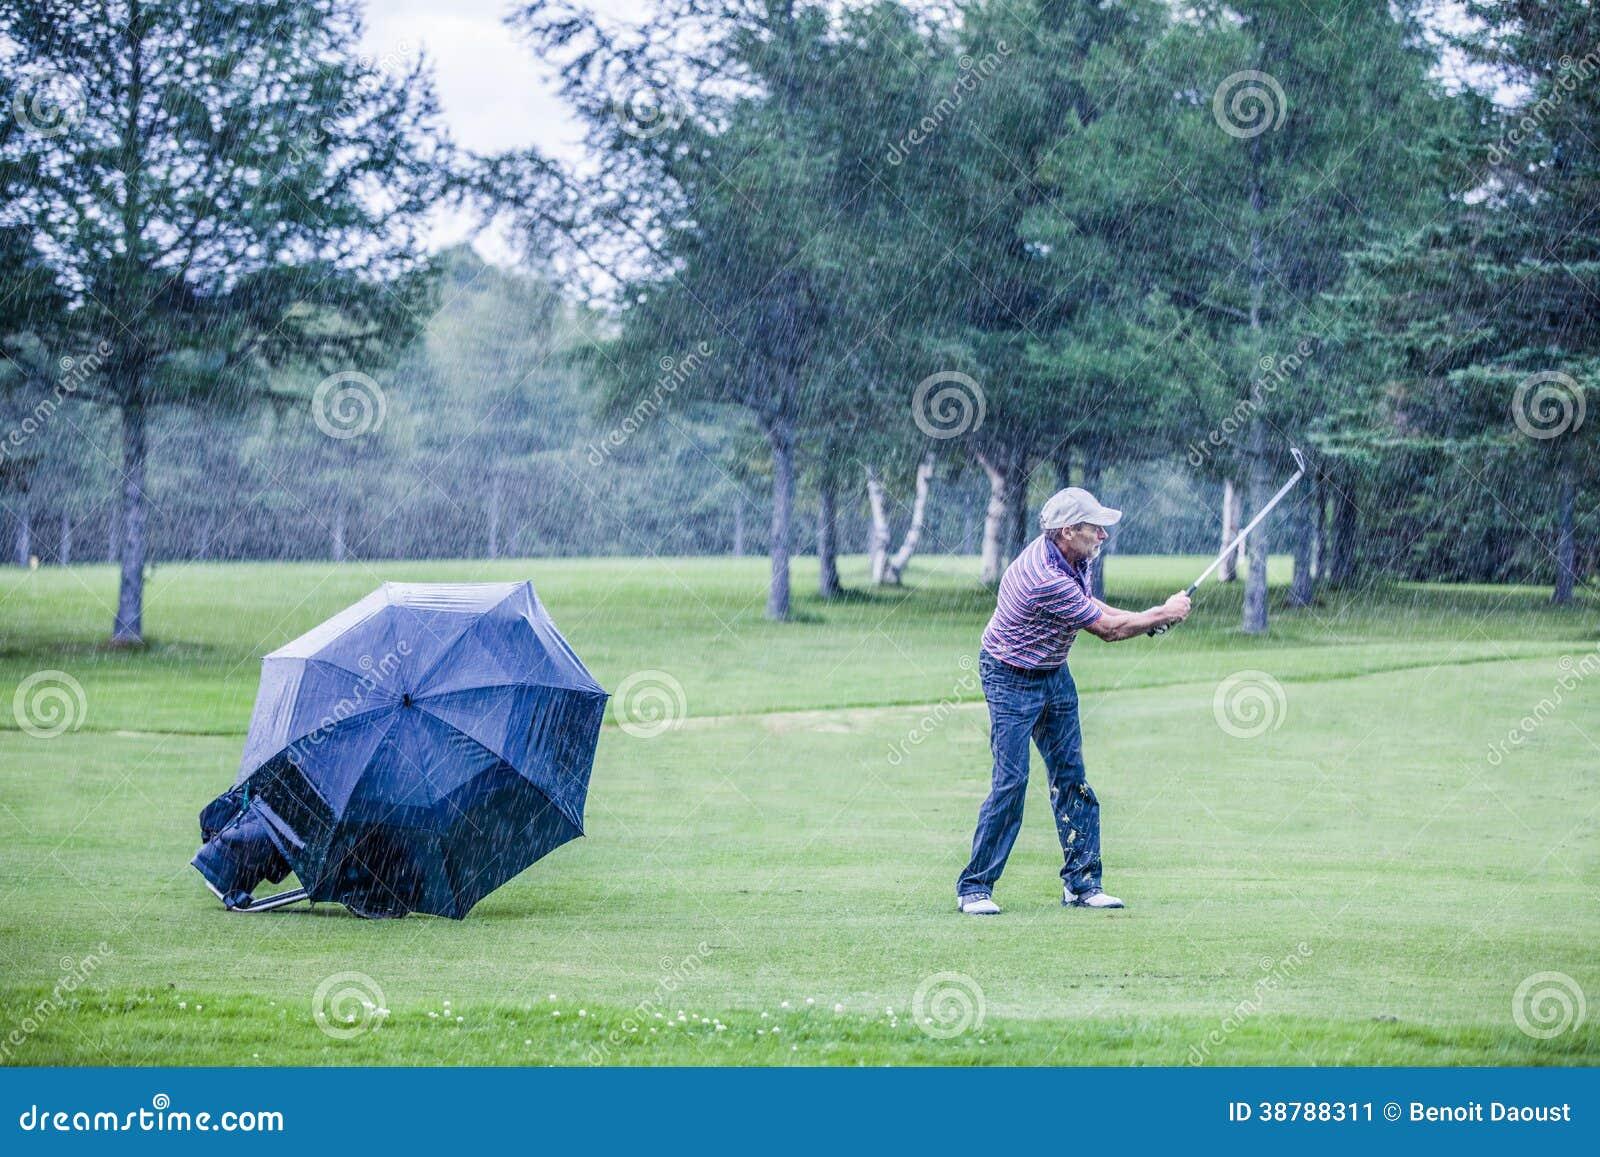 Golfeur un jour pluvieux Swigning dans le fairway